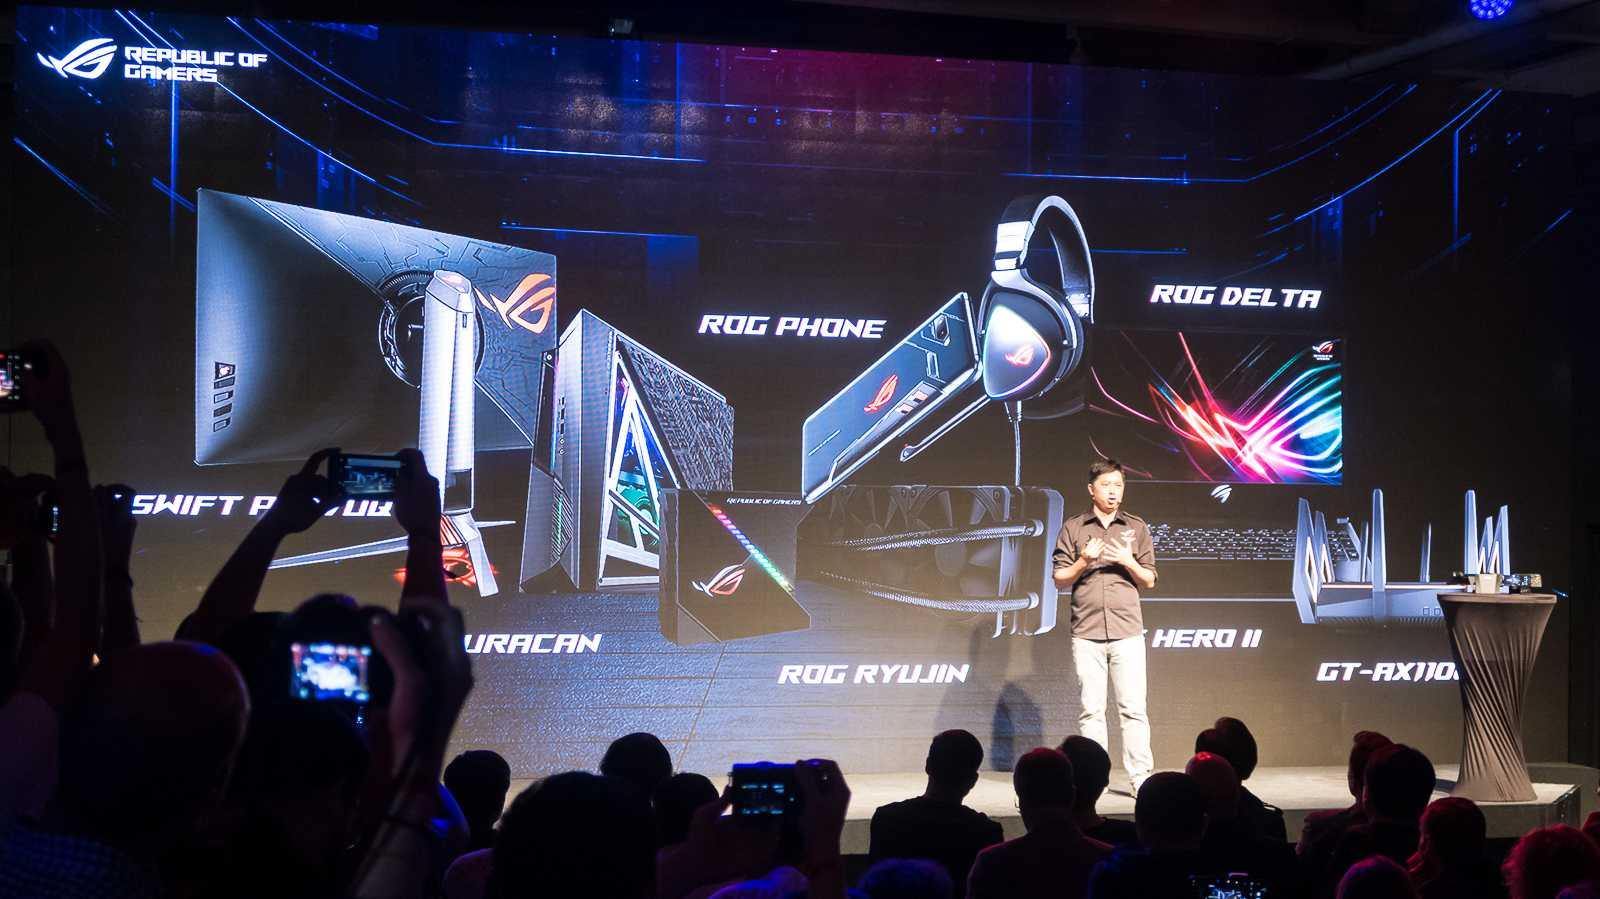 Asus Gaming-Zubehör: USB-C-Kopfhörer, Wasserkühlung und PC-Netzteil mit OLED-Display